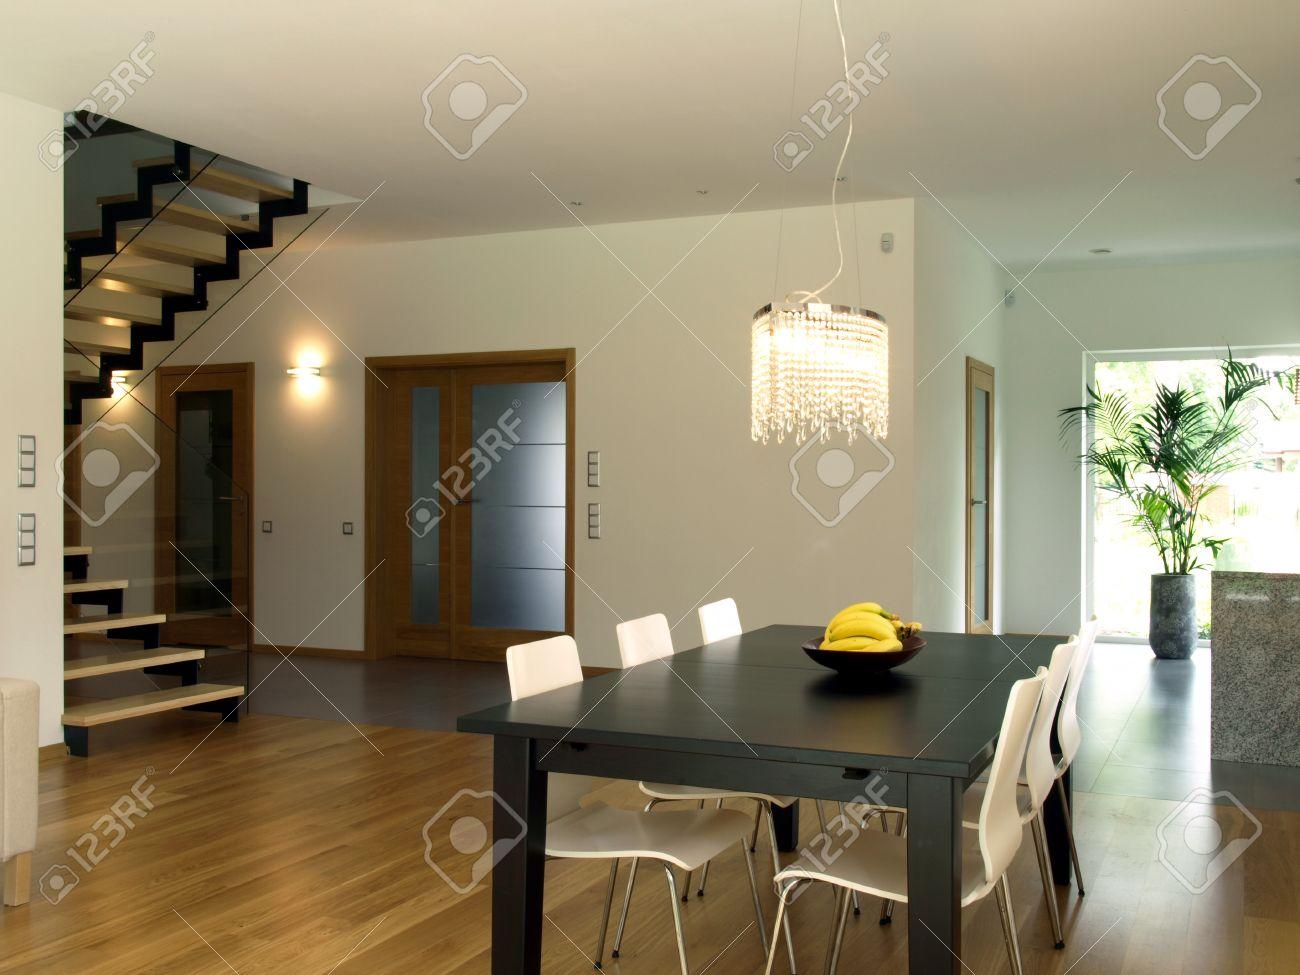 Esszimmer, Flur Und Treppenhaus Des Modernen Haus Lizenzfreie Bilder    14509601